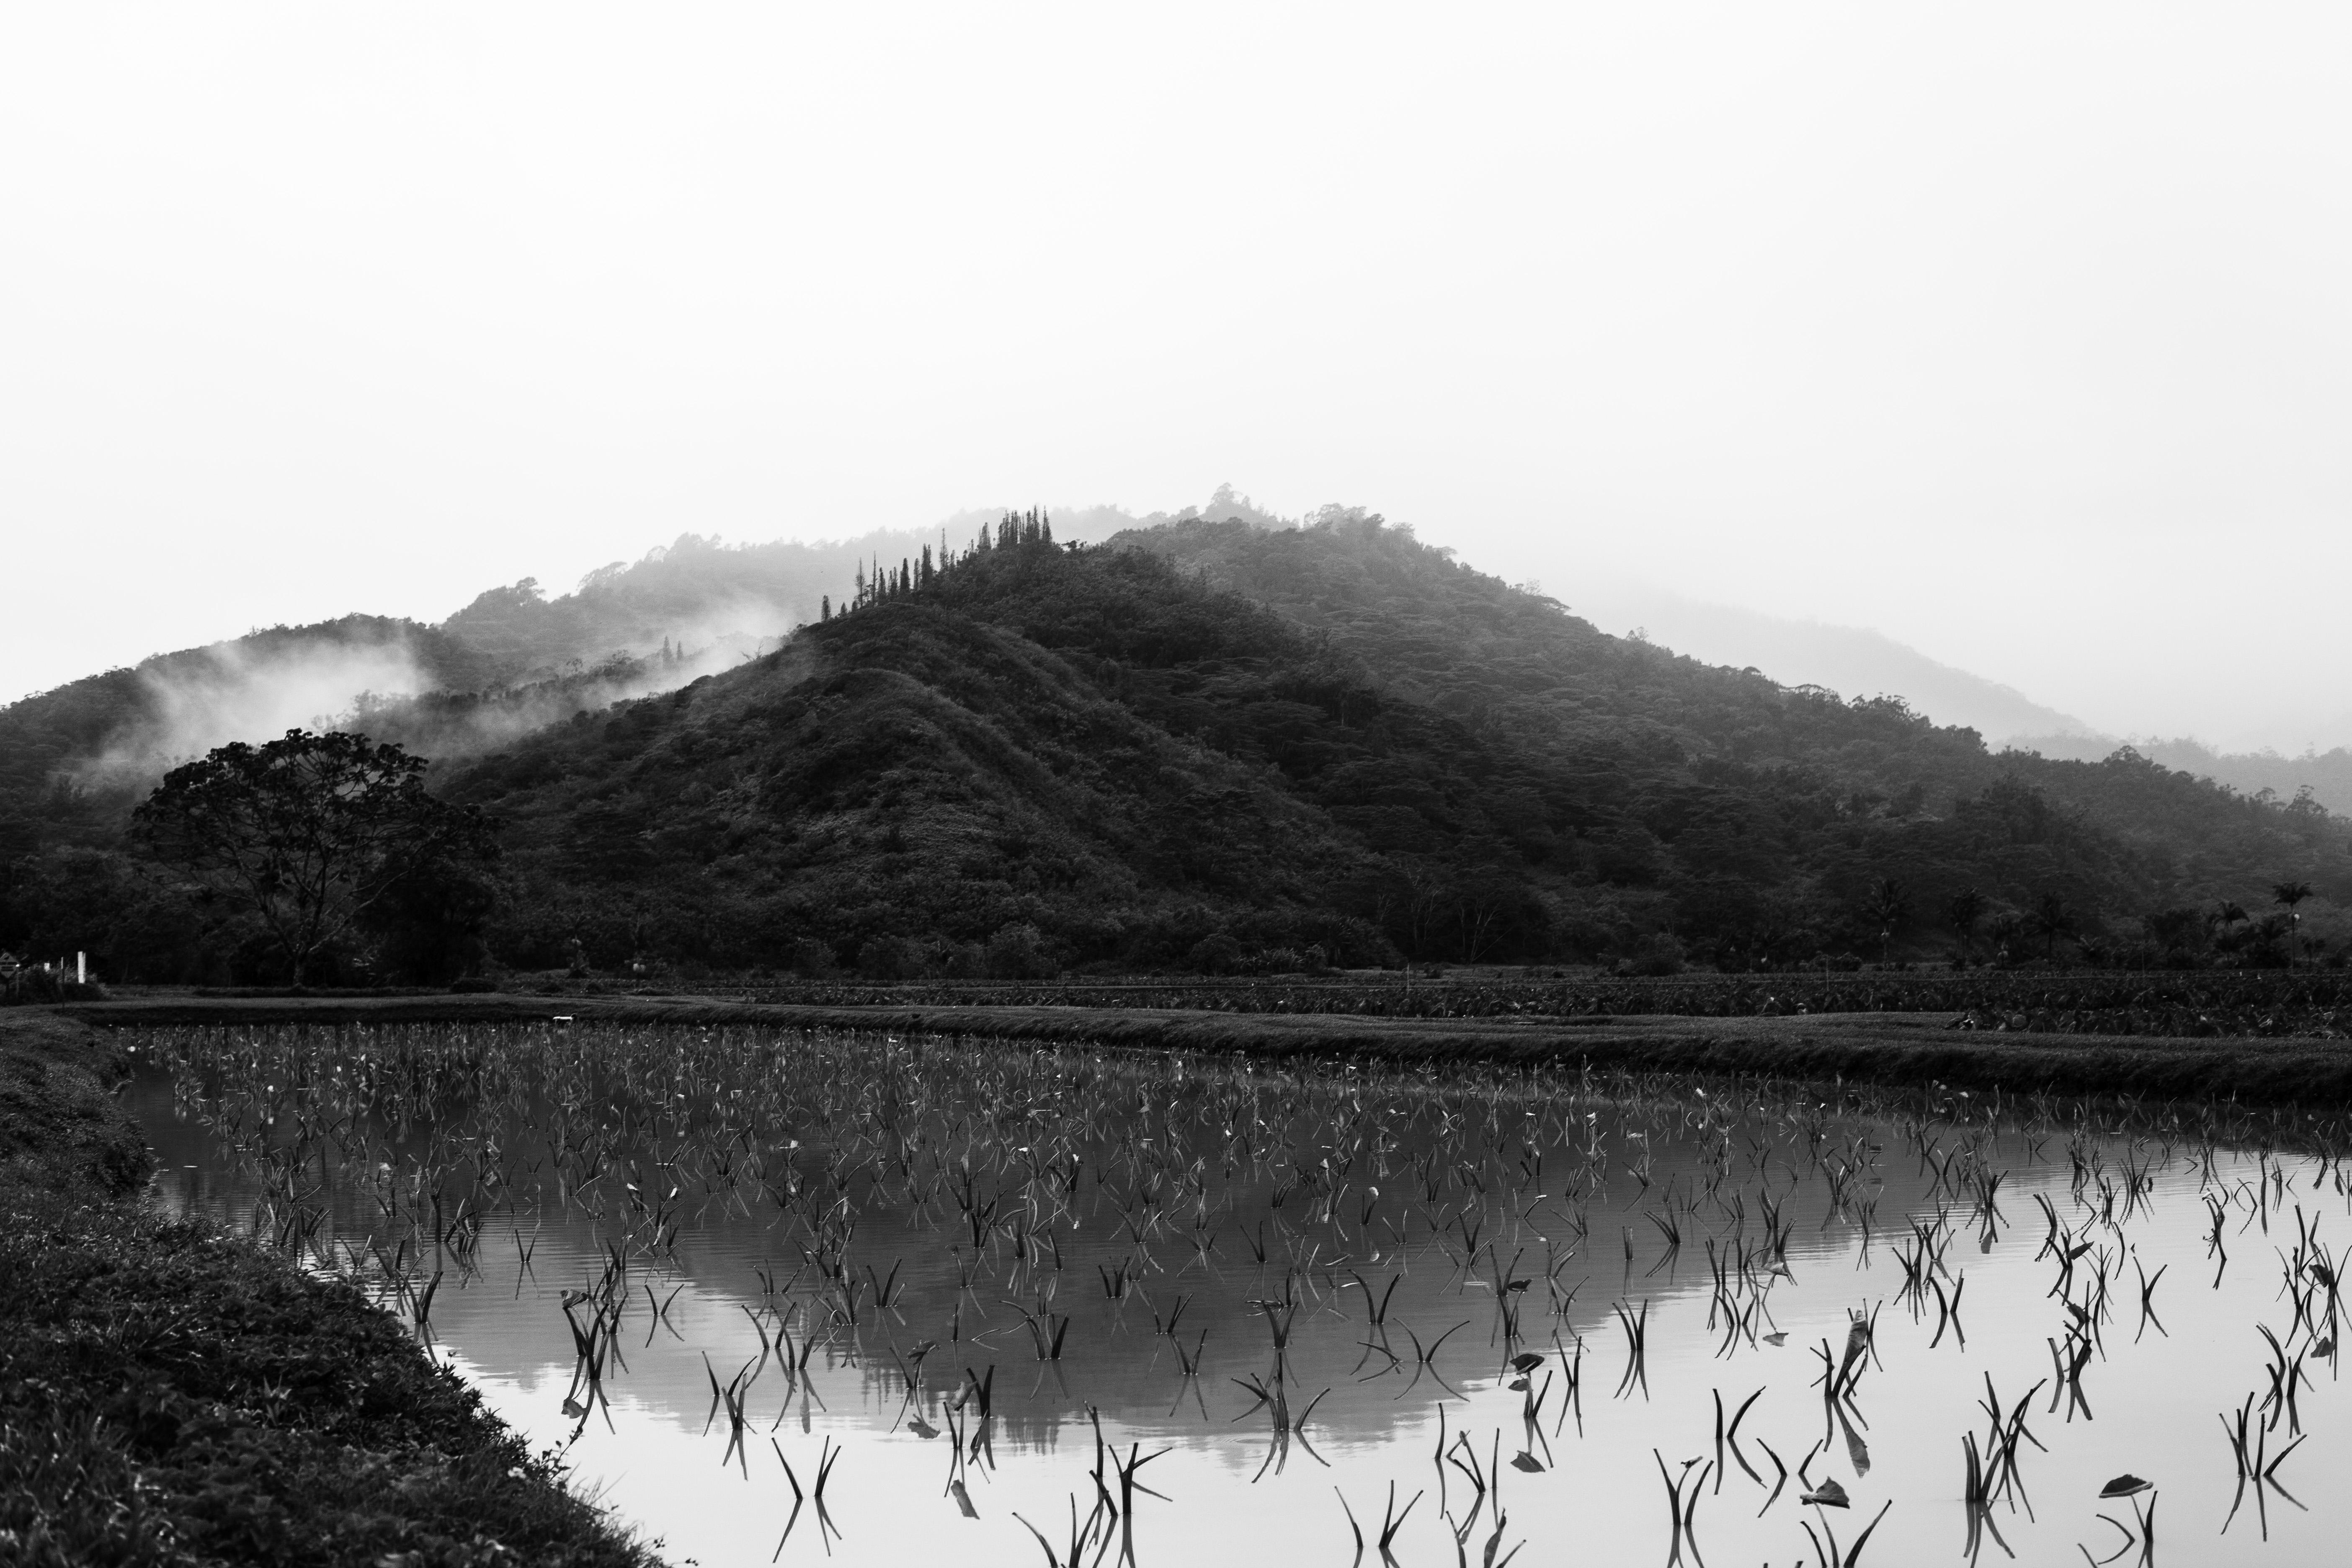 IMG_0984Kauai-Foggy-Morning-Rain-BW.jpg